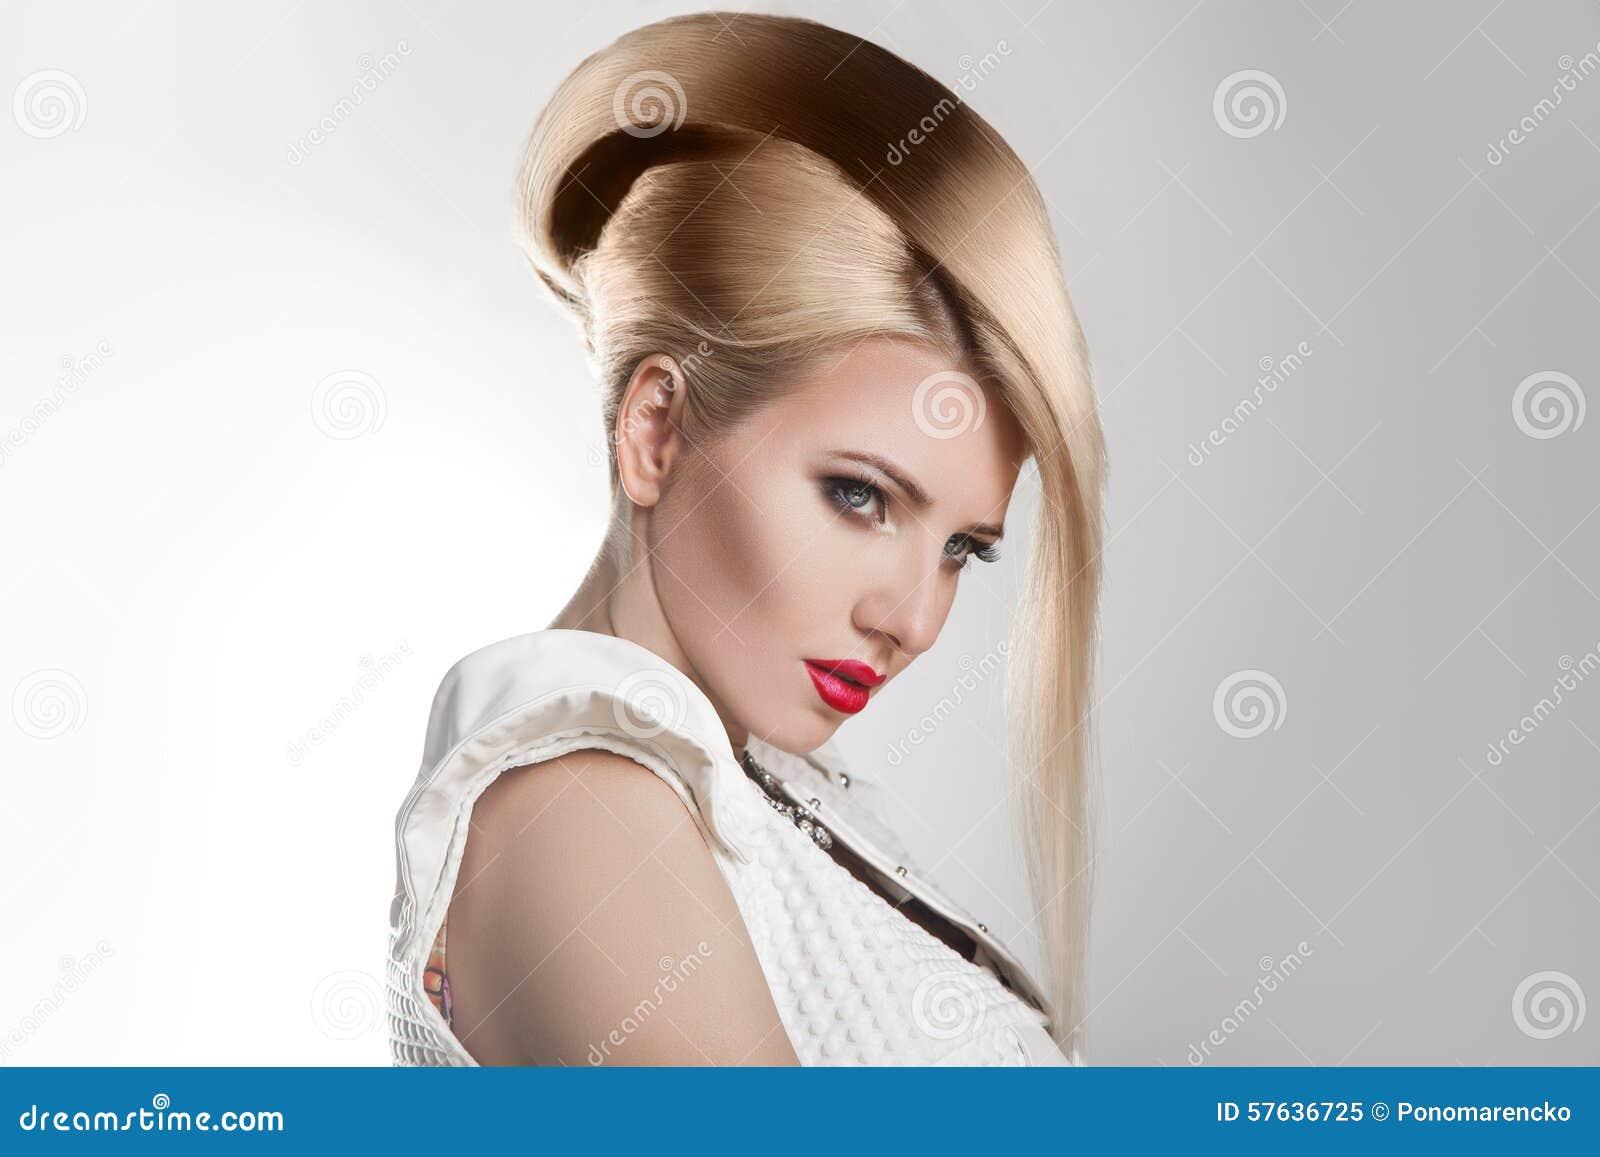 Ostrzyżenia pięknej blond dziewczyny włosianej ostrzyżenia fryzury zdrowy skrót fryzury